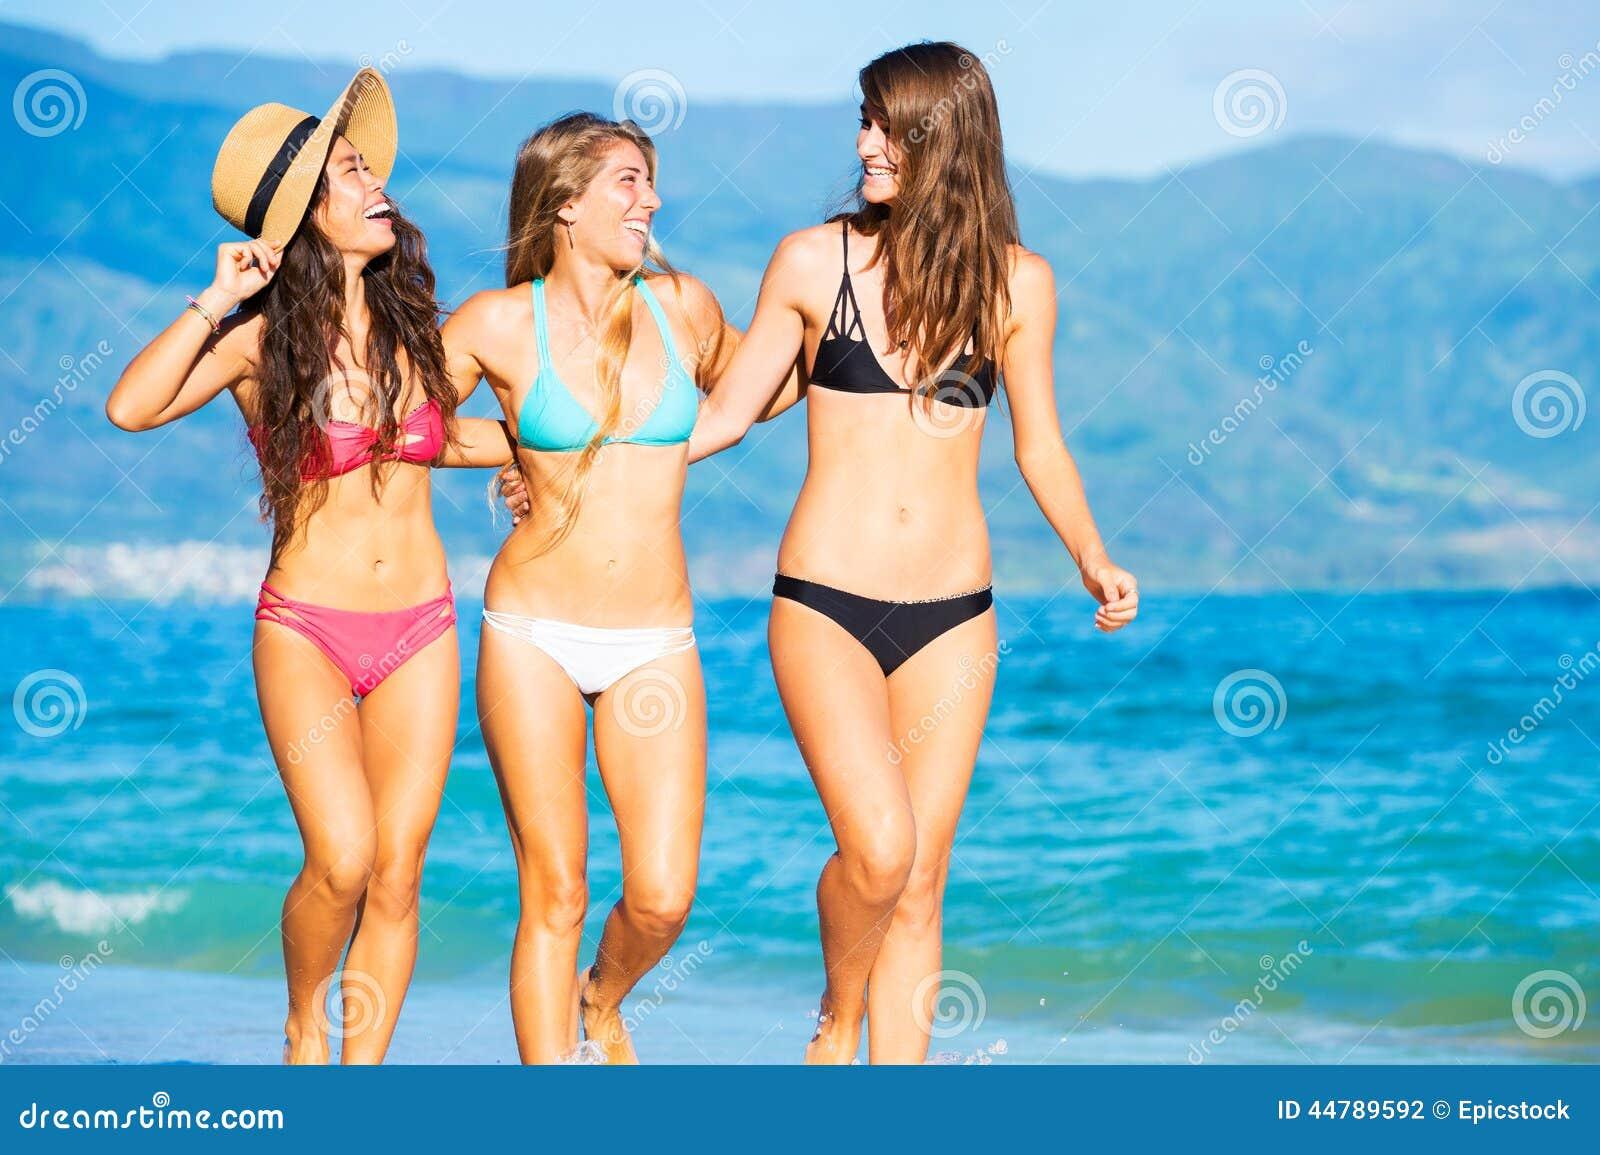 Группа сексуальных девушек на пляже